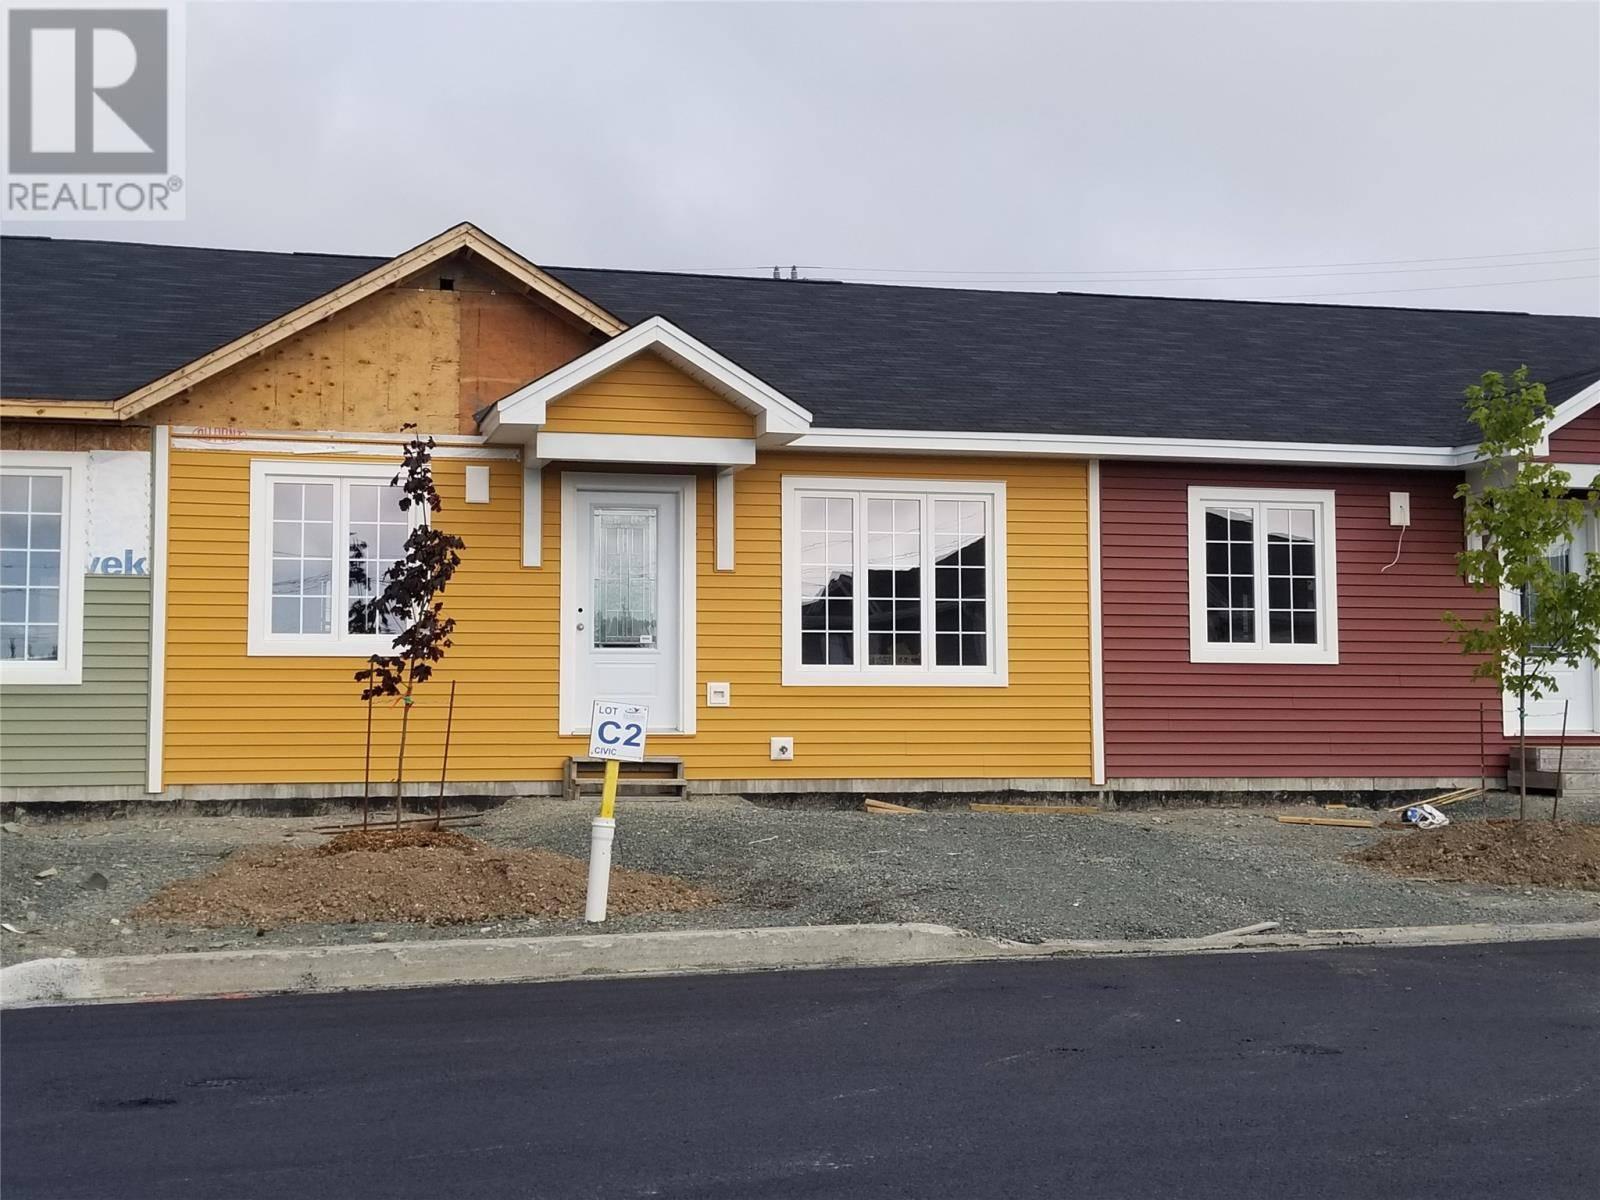 House for sale at 22 Triton Pl Unit Unit#C2 St. John's Newfoundland - MLS: 1193385